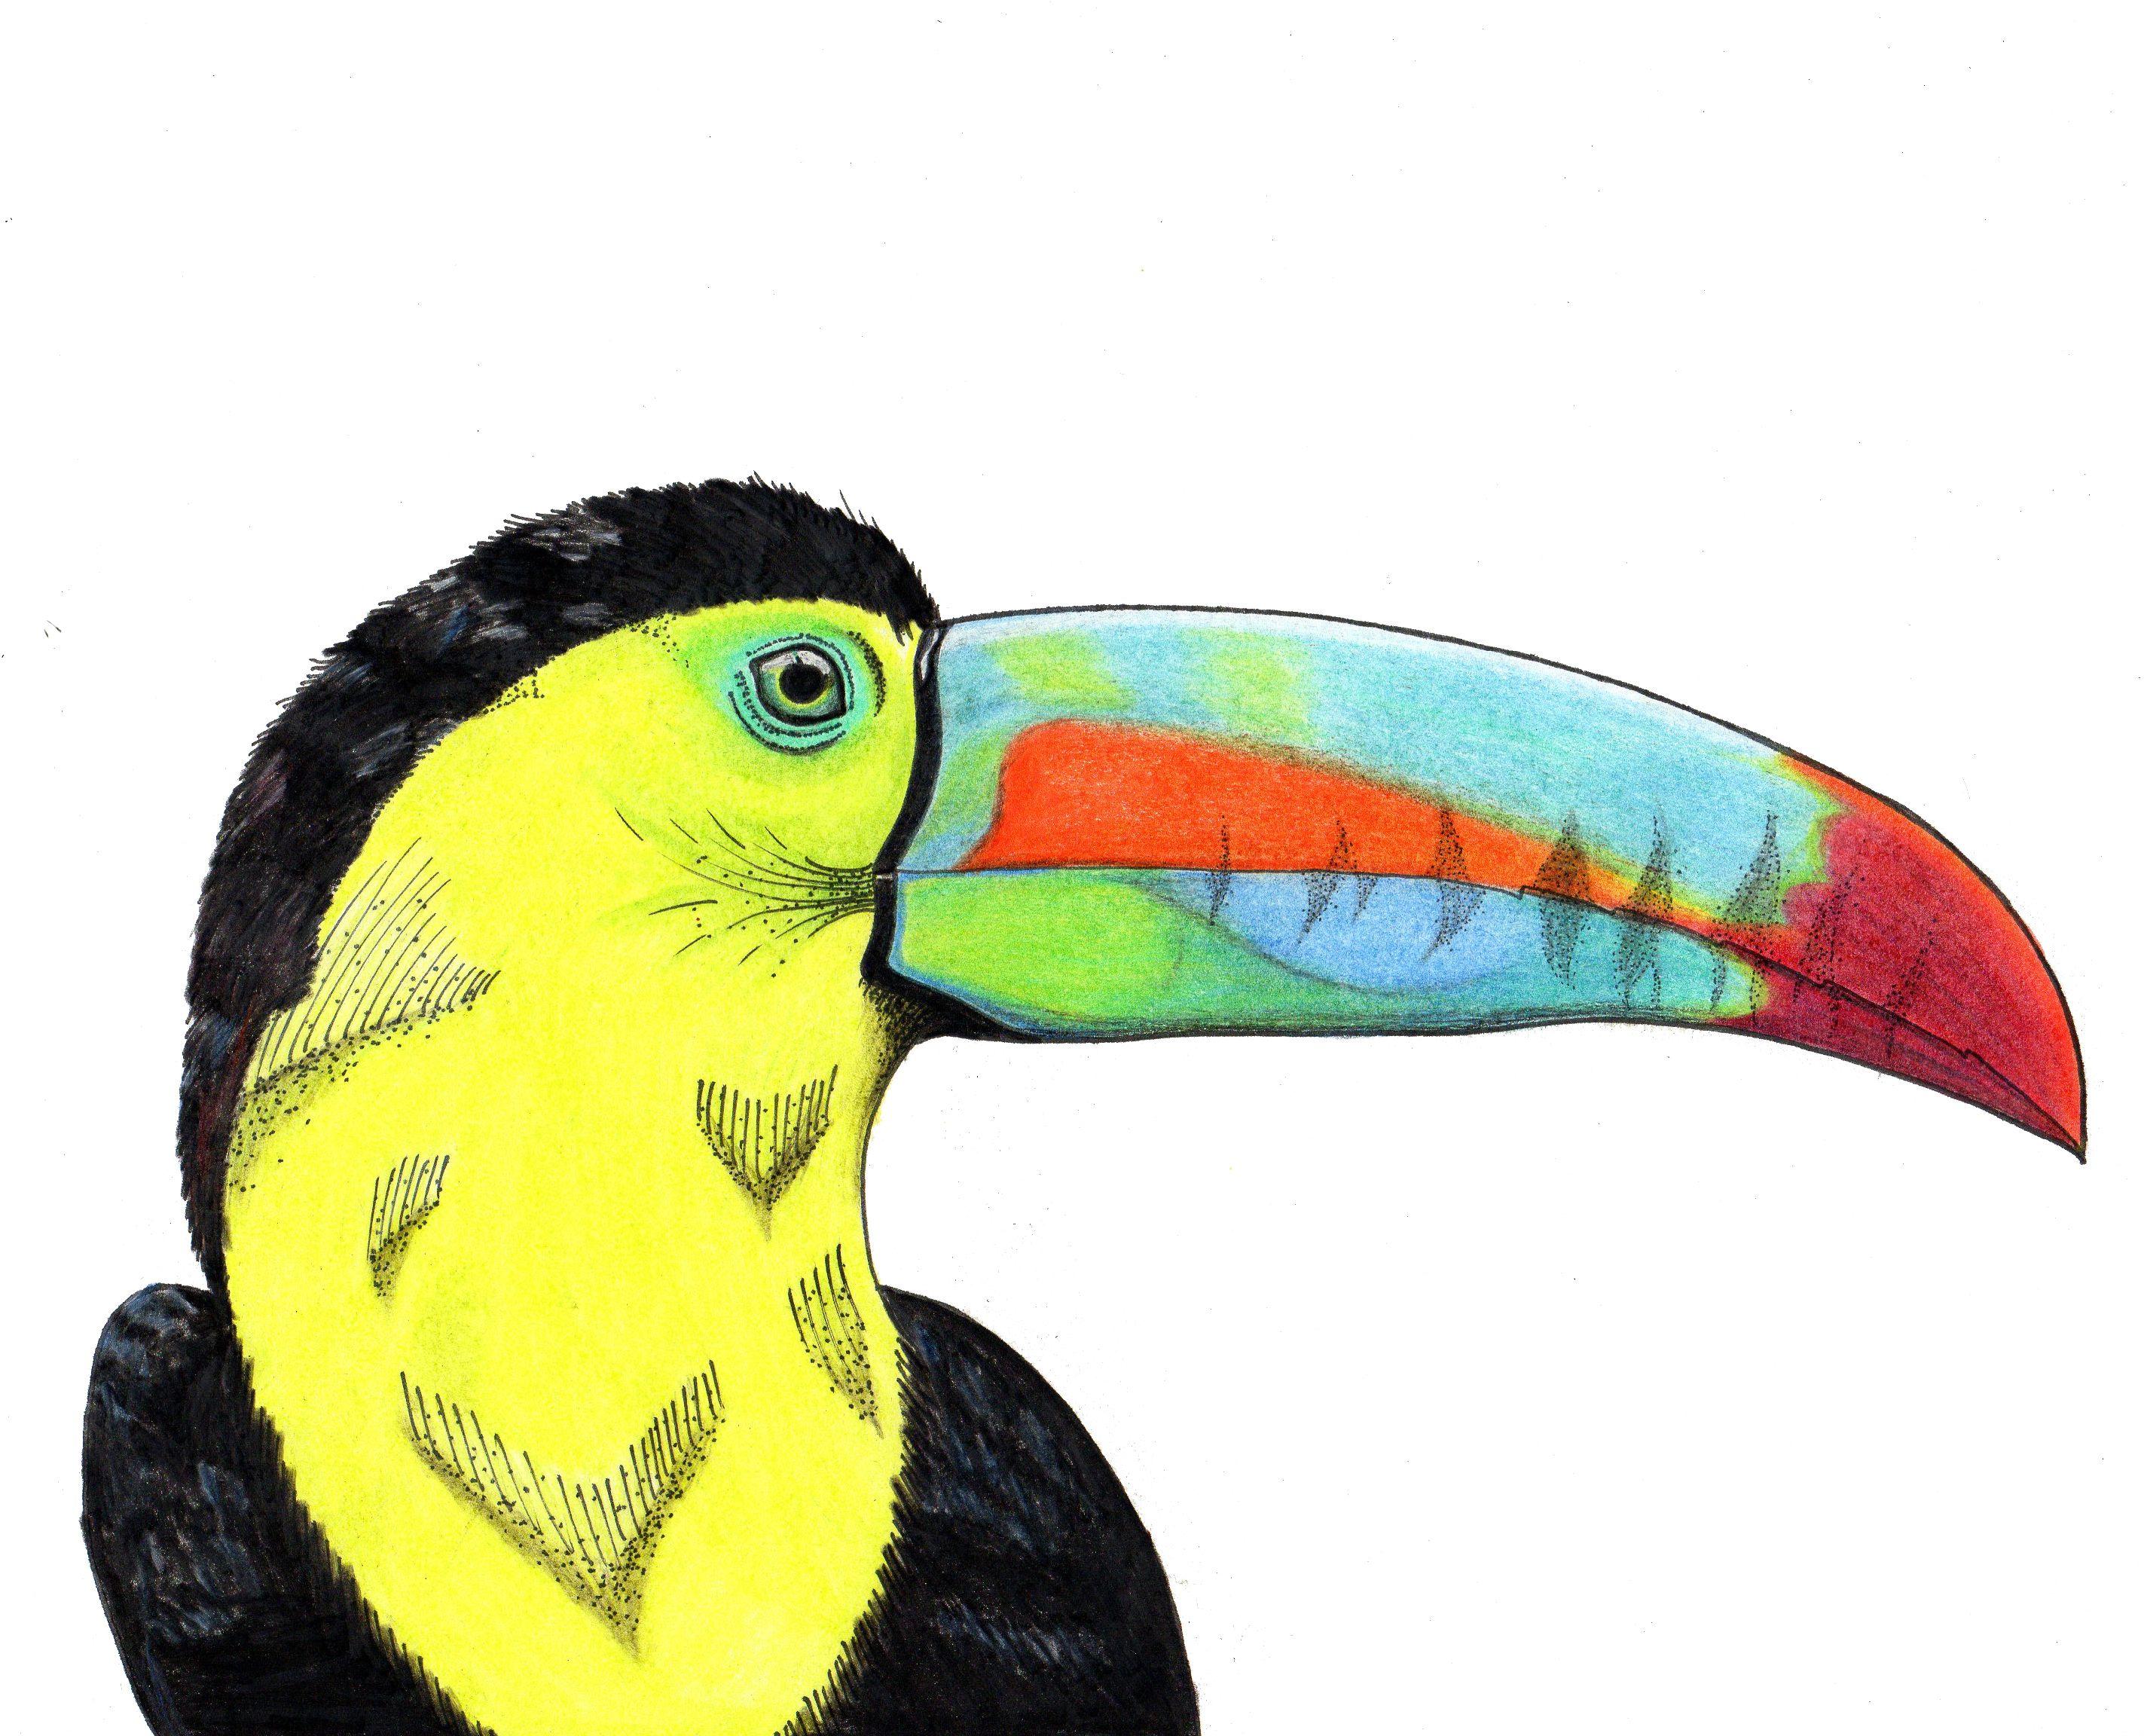 TUCAN- DIBUJO COLOR | Dibujos | Pinterest | Tucan, Dibujar y Color